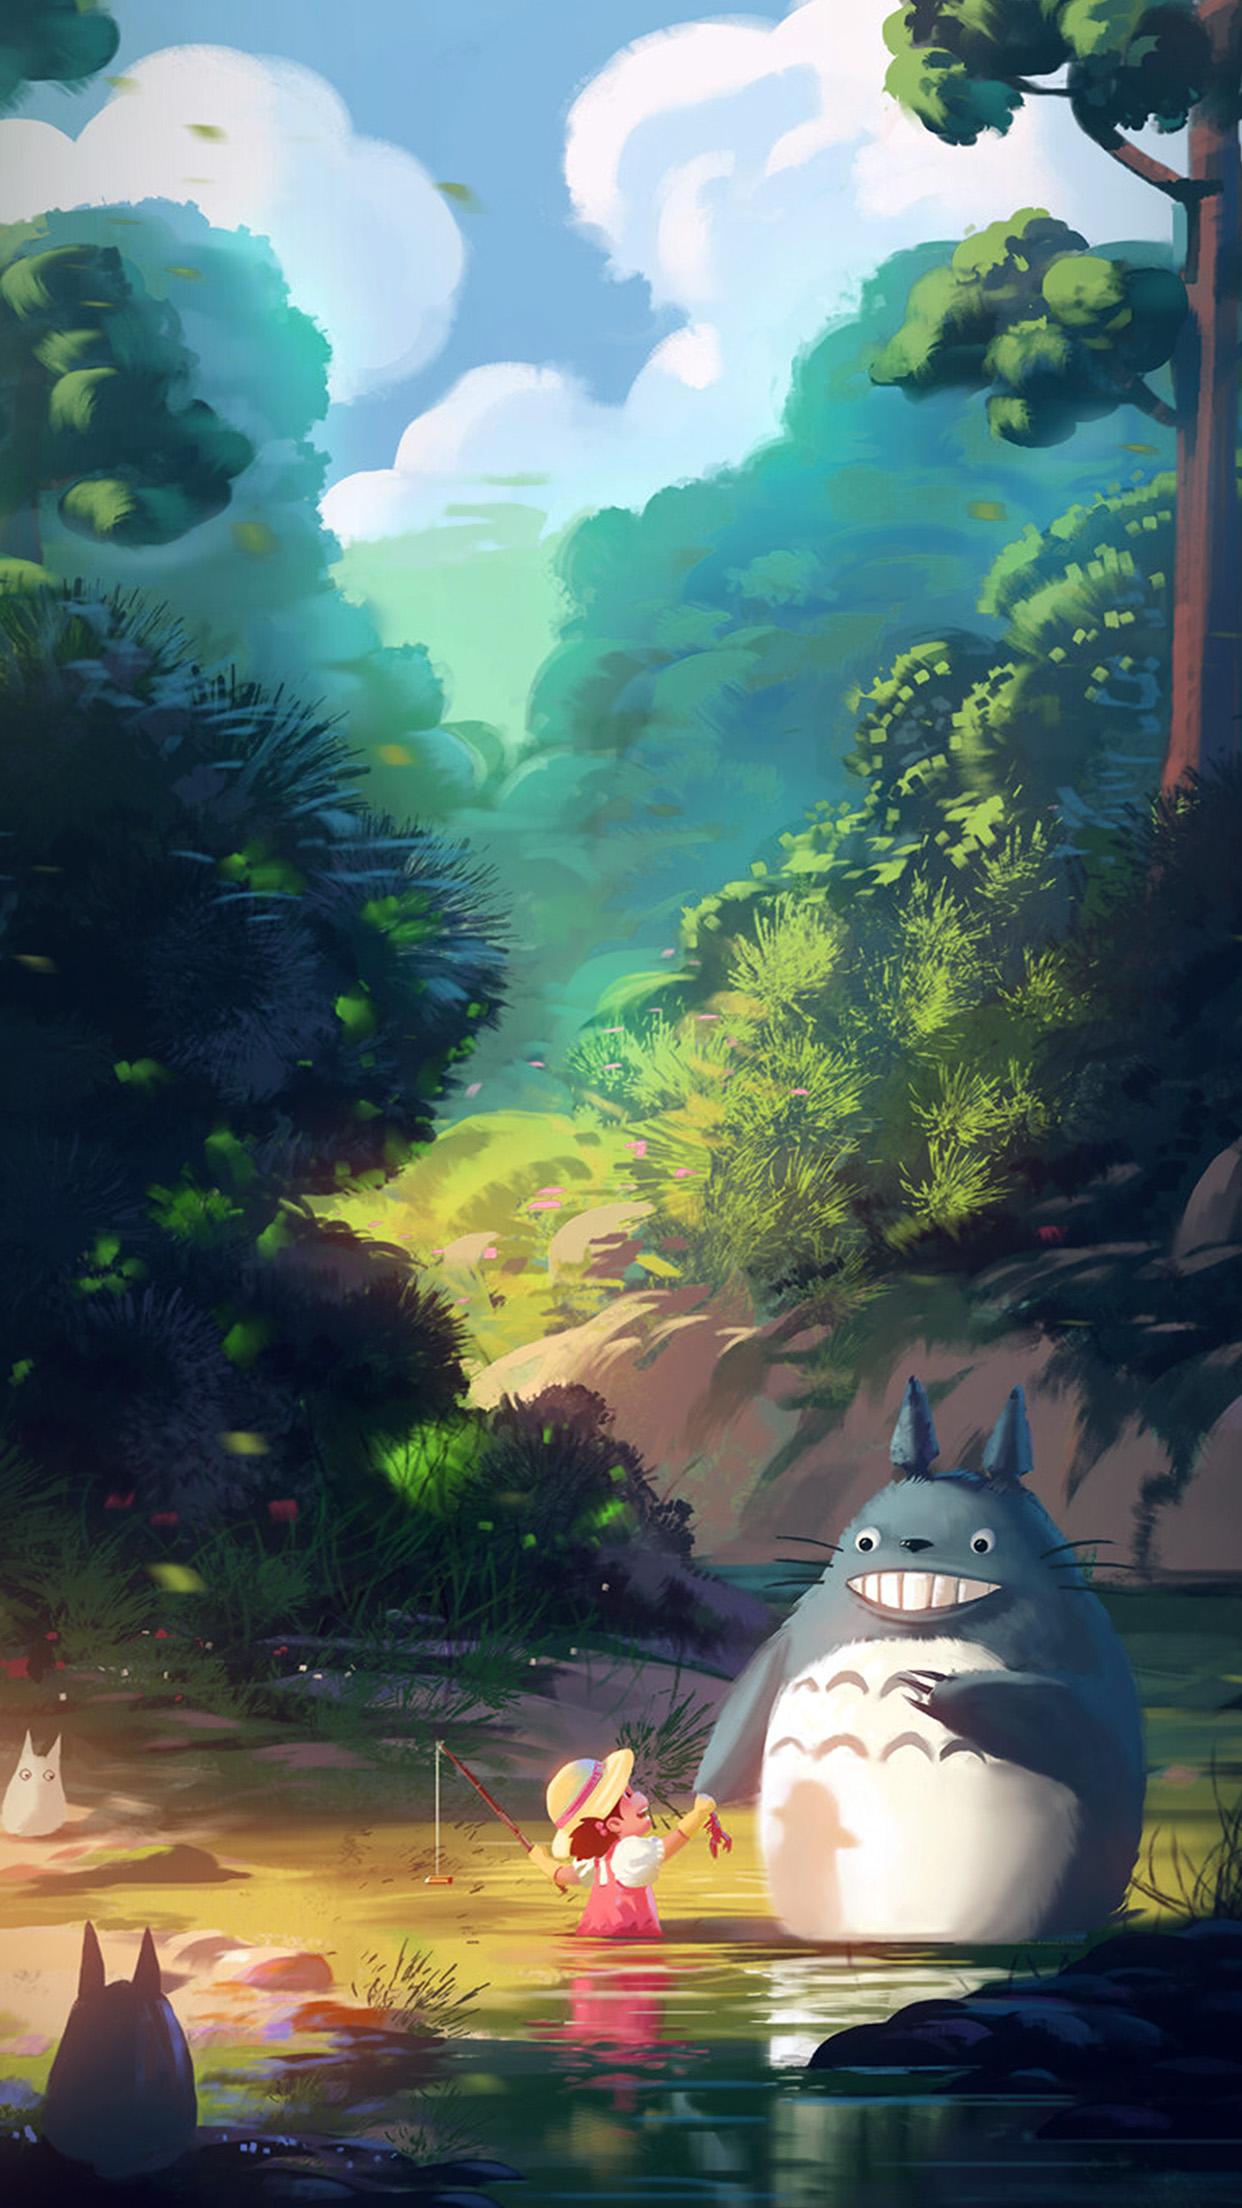 Cute Totoro Wallpaper Av34 Totoro Anime Liang Xing Illustration Art Blue Wallpaper